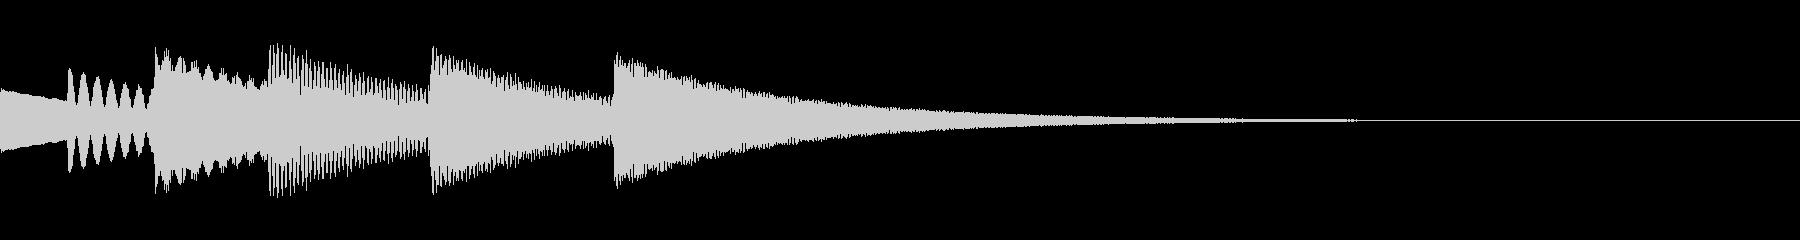 FX・SE/金属/スクロール/流れる音Cの未再生の波形